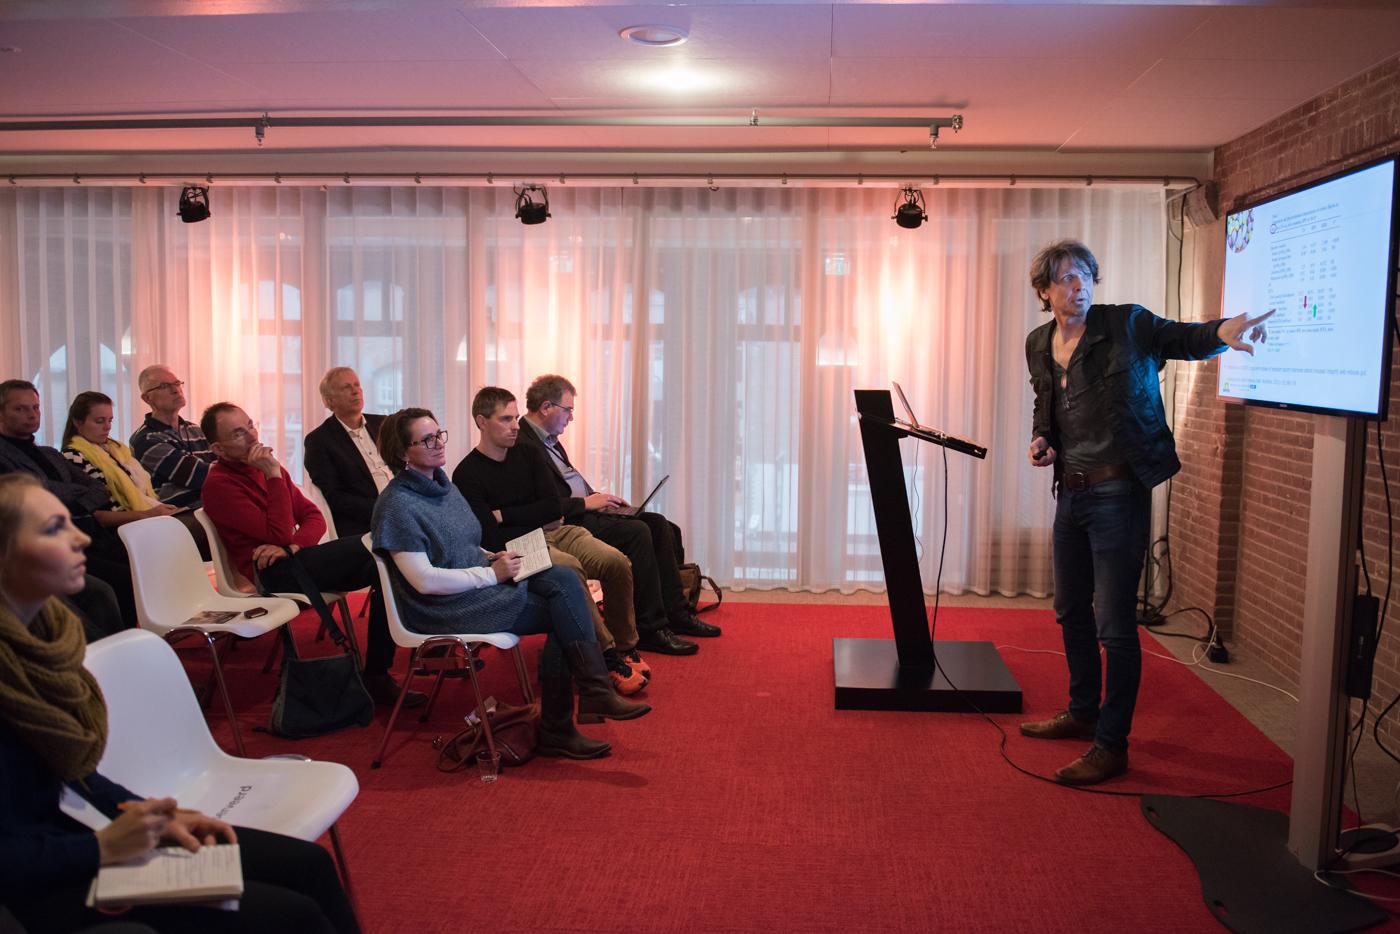 Jurriaan op Het Aardappelcongres in februari 2015.